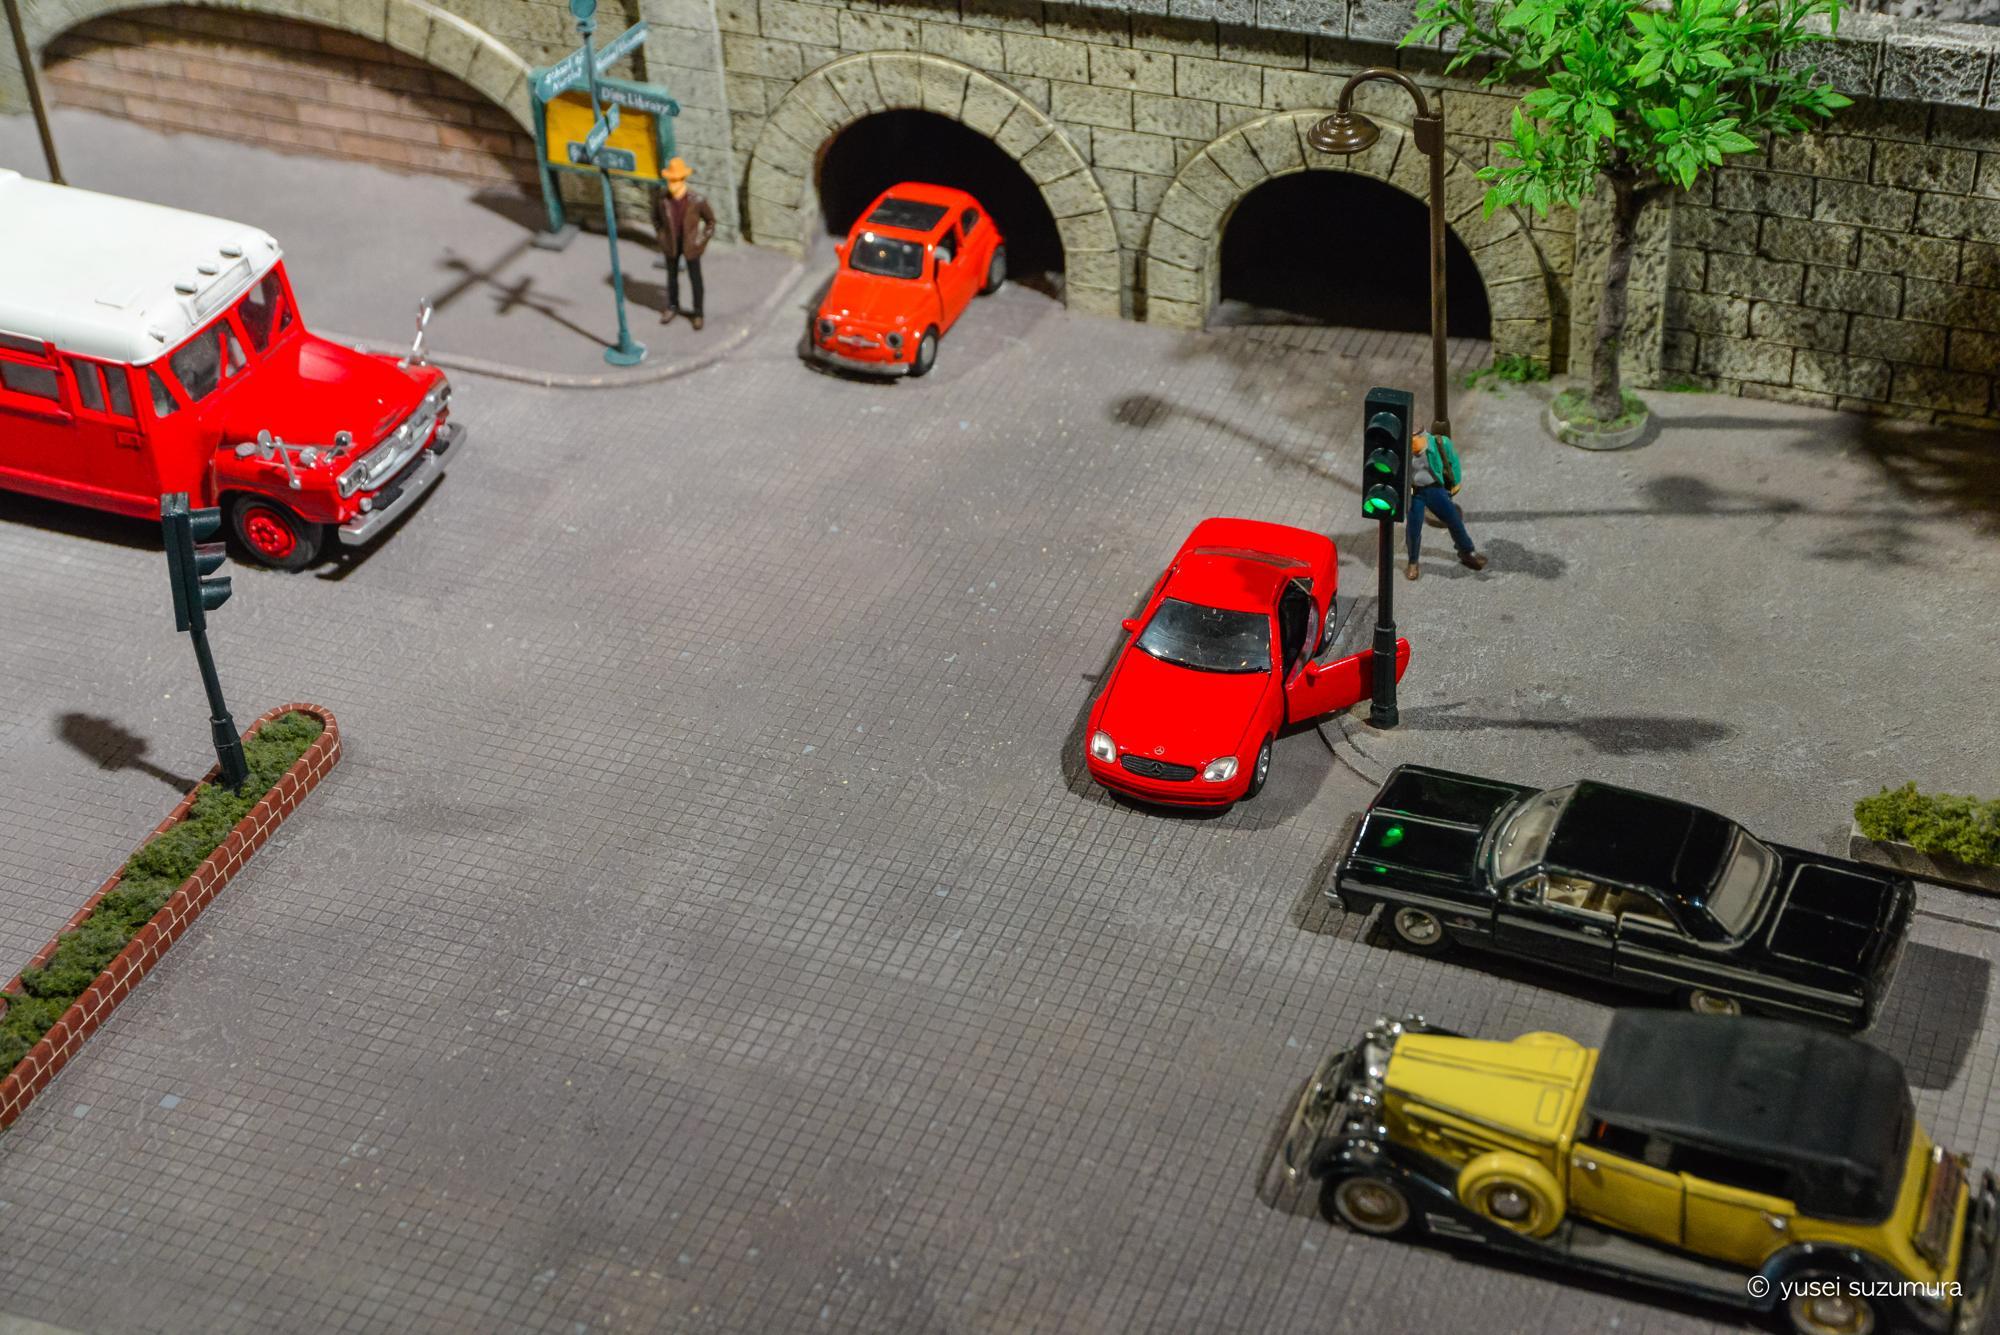 CP+ 鉄道模型撮影会 ジオラマ